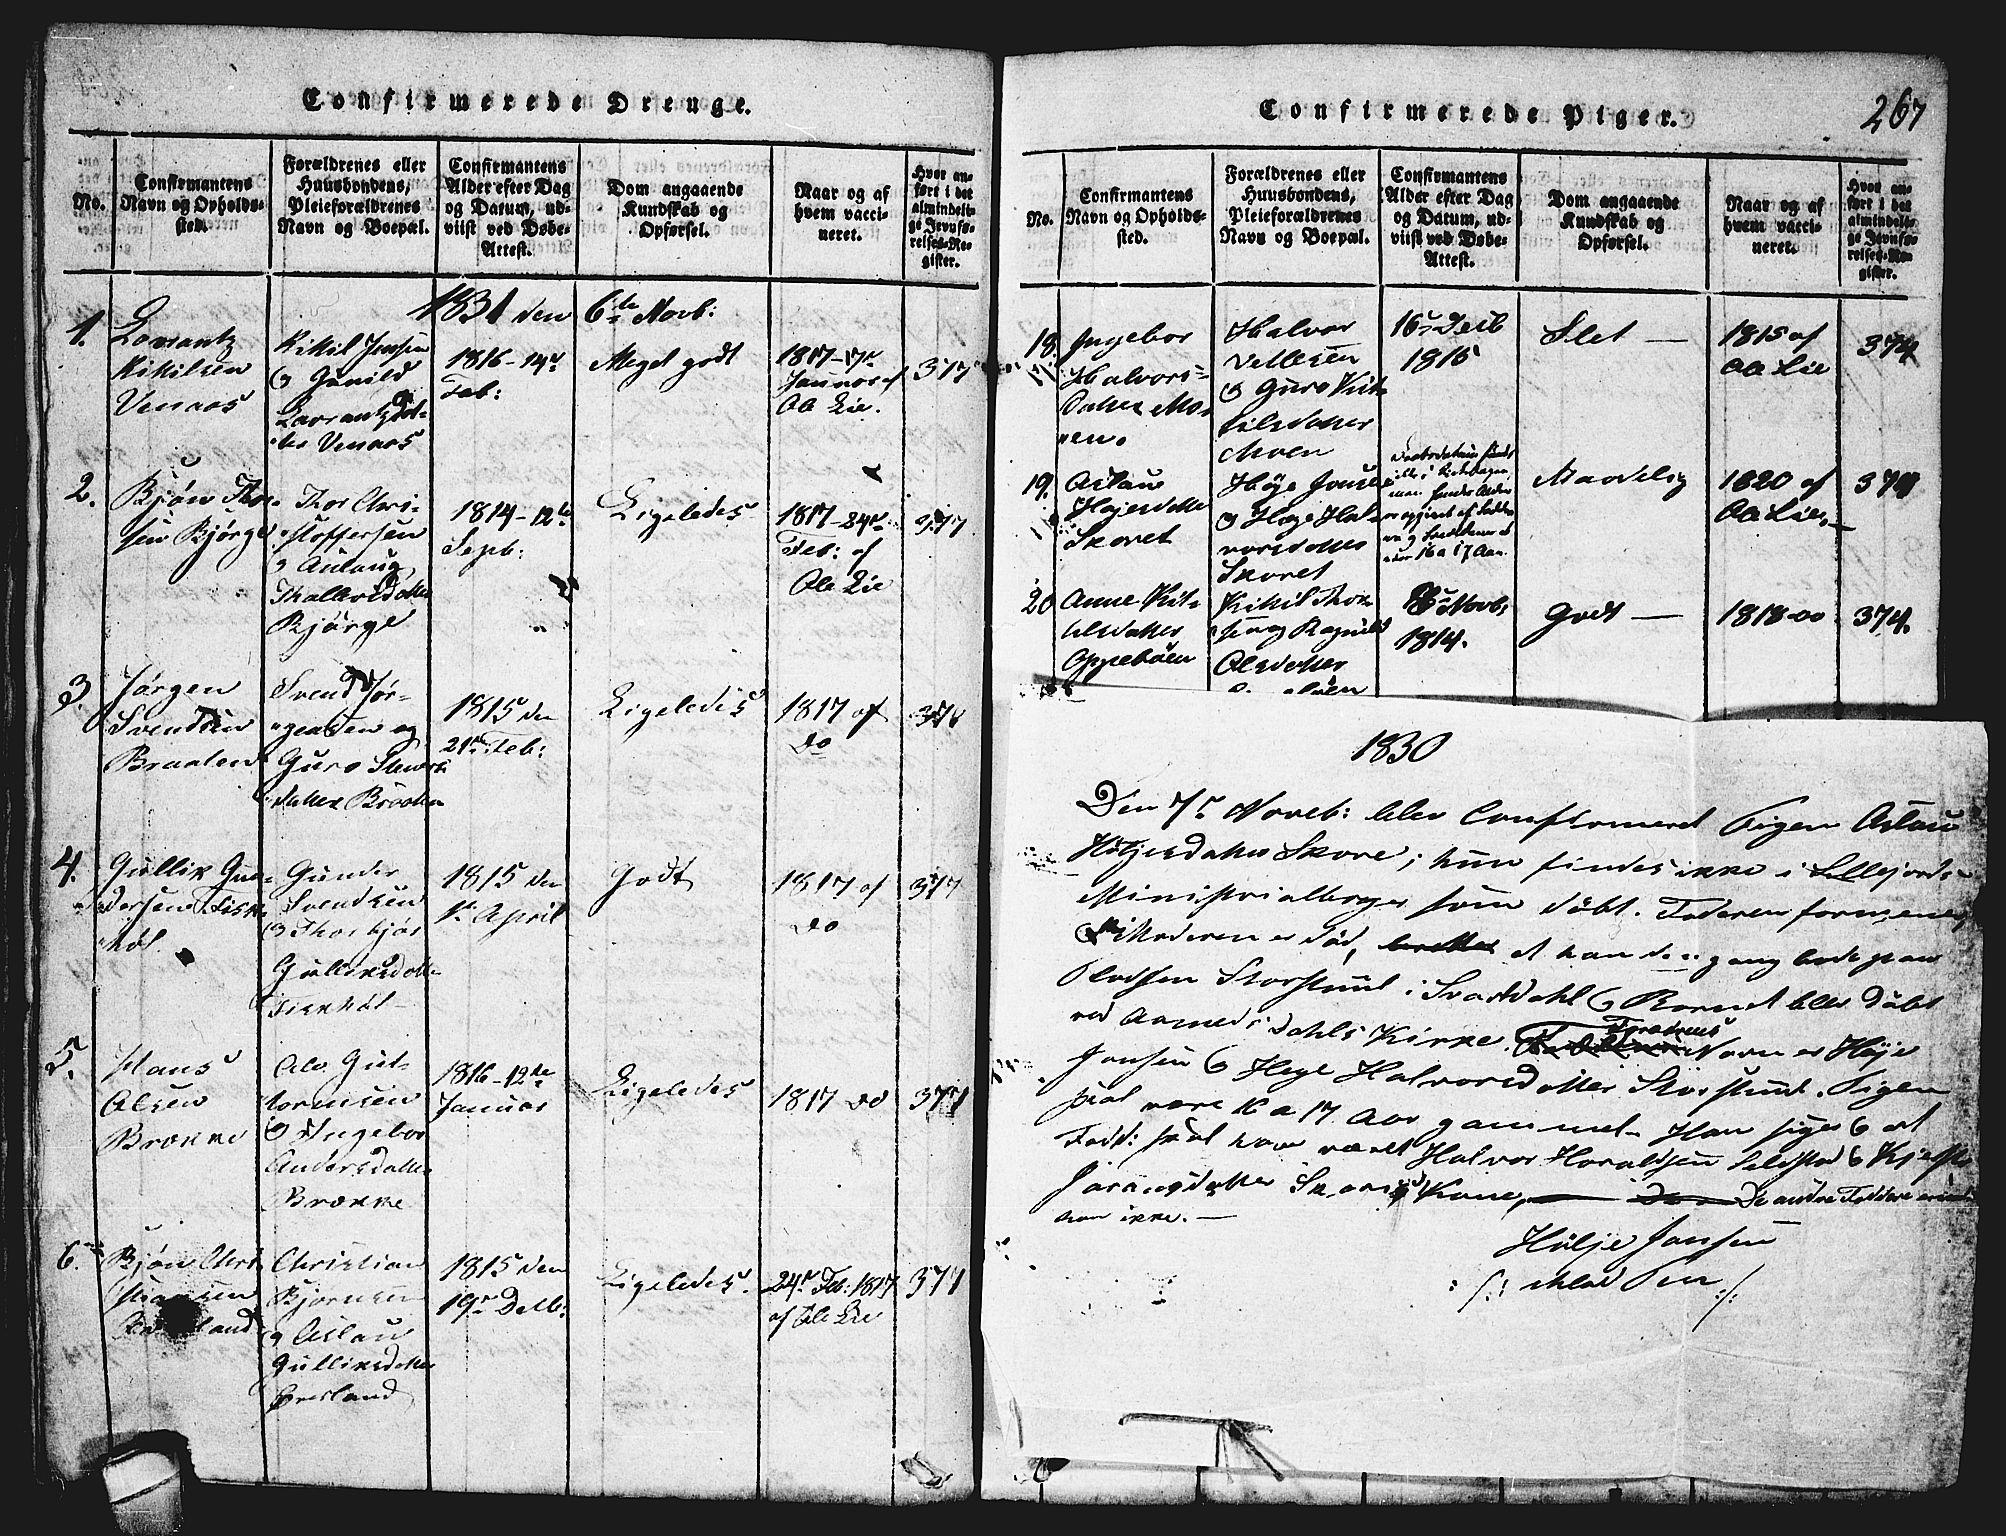 SAKO, Seljord kirkebøker, F/Fa/L0010: Ministerialbok nr. I 10, 1815-1831, s. 267